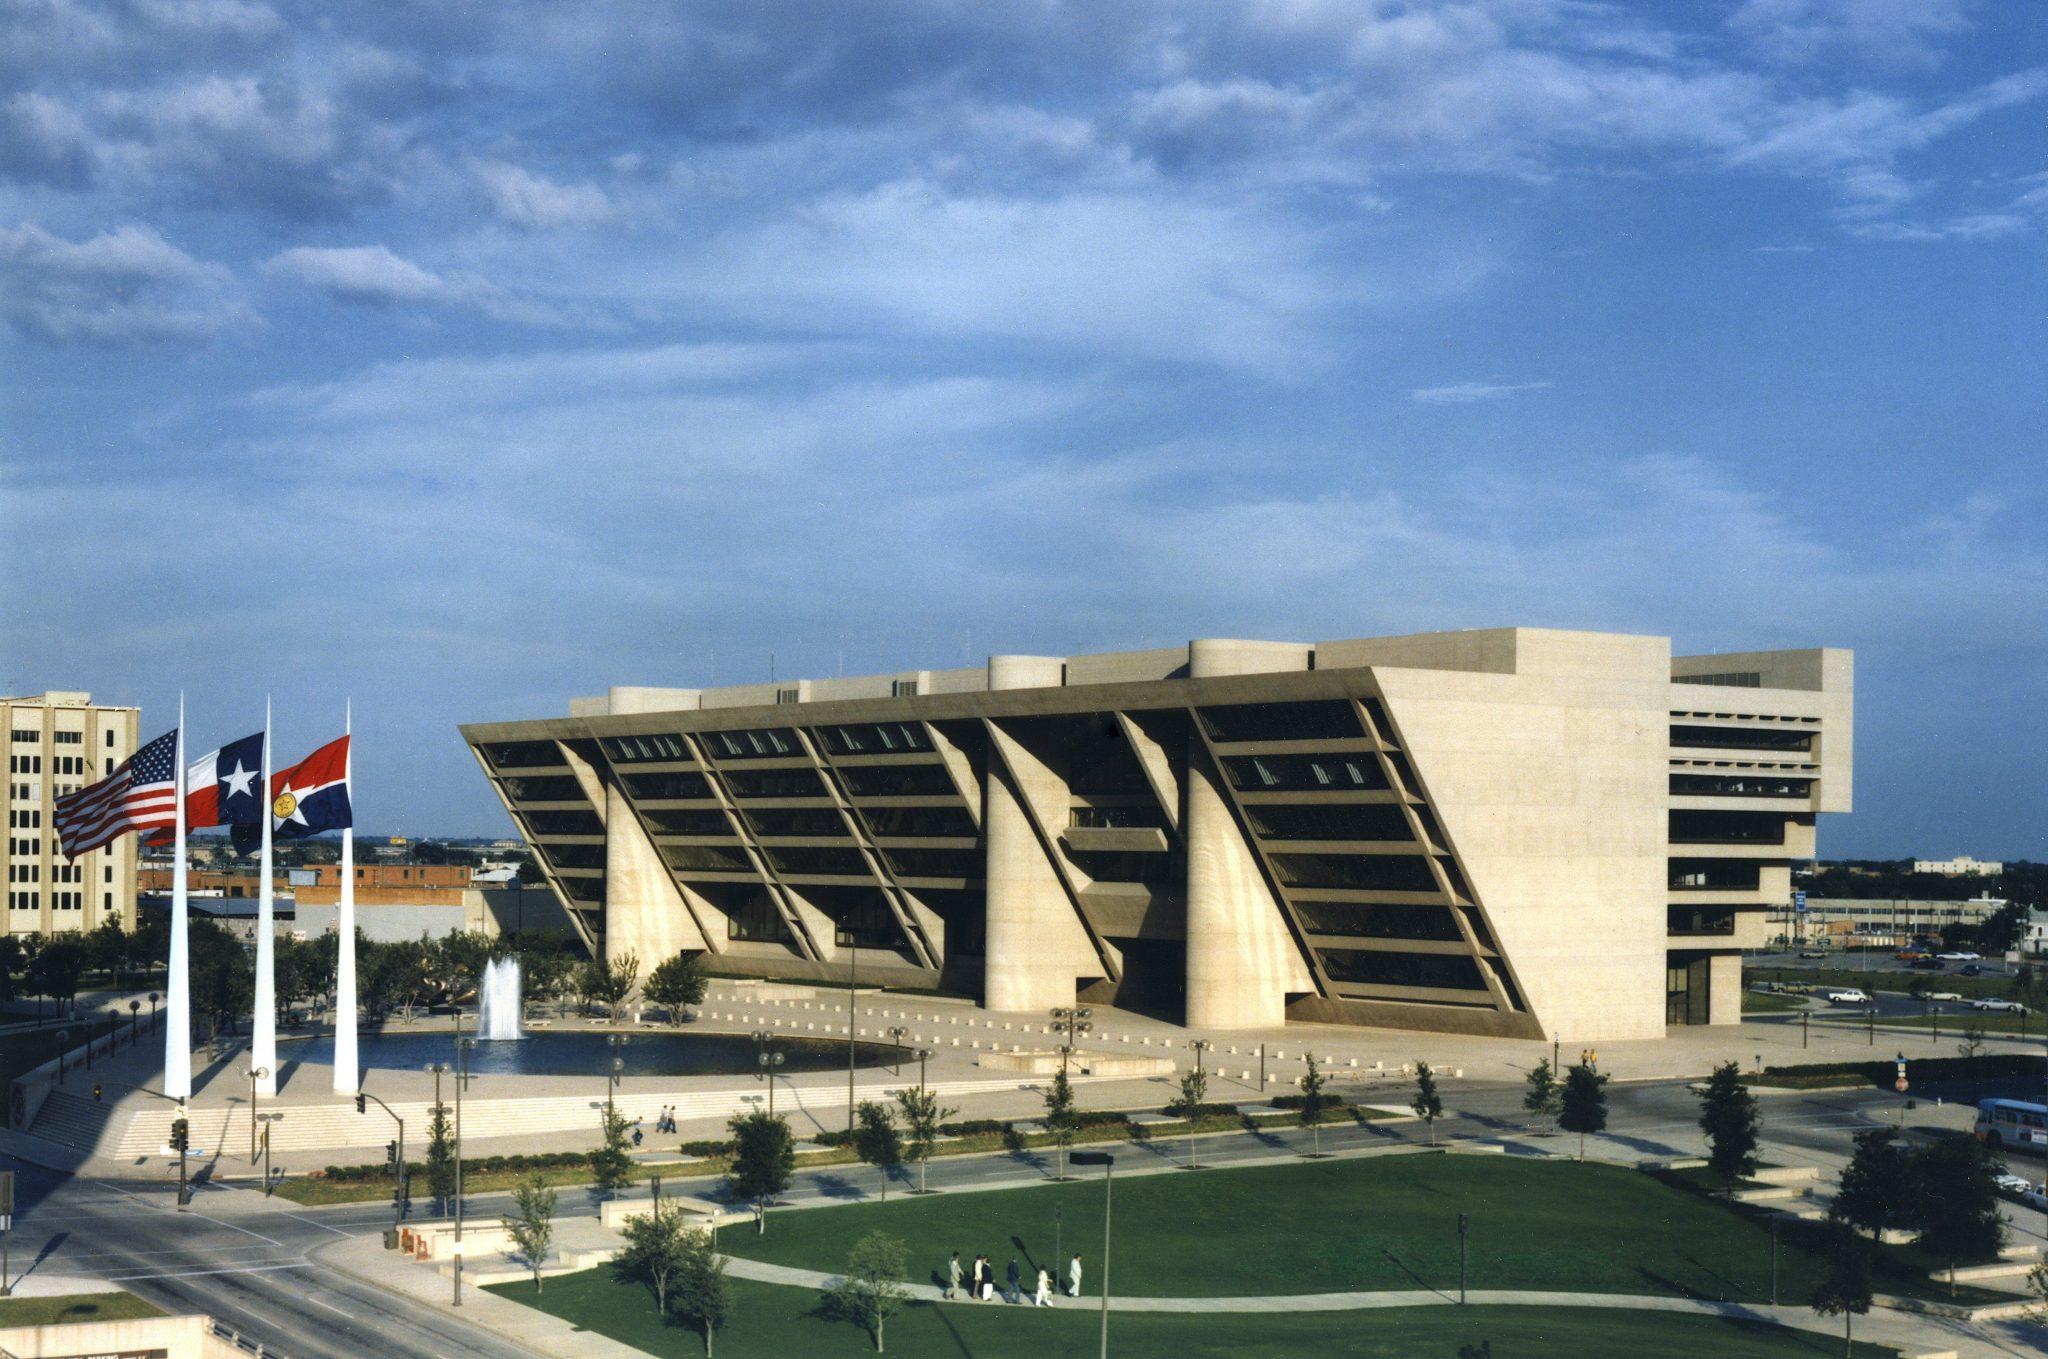 نمای ساختمان شهرداری دالاس آی ام پی استوارسازان